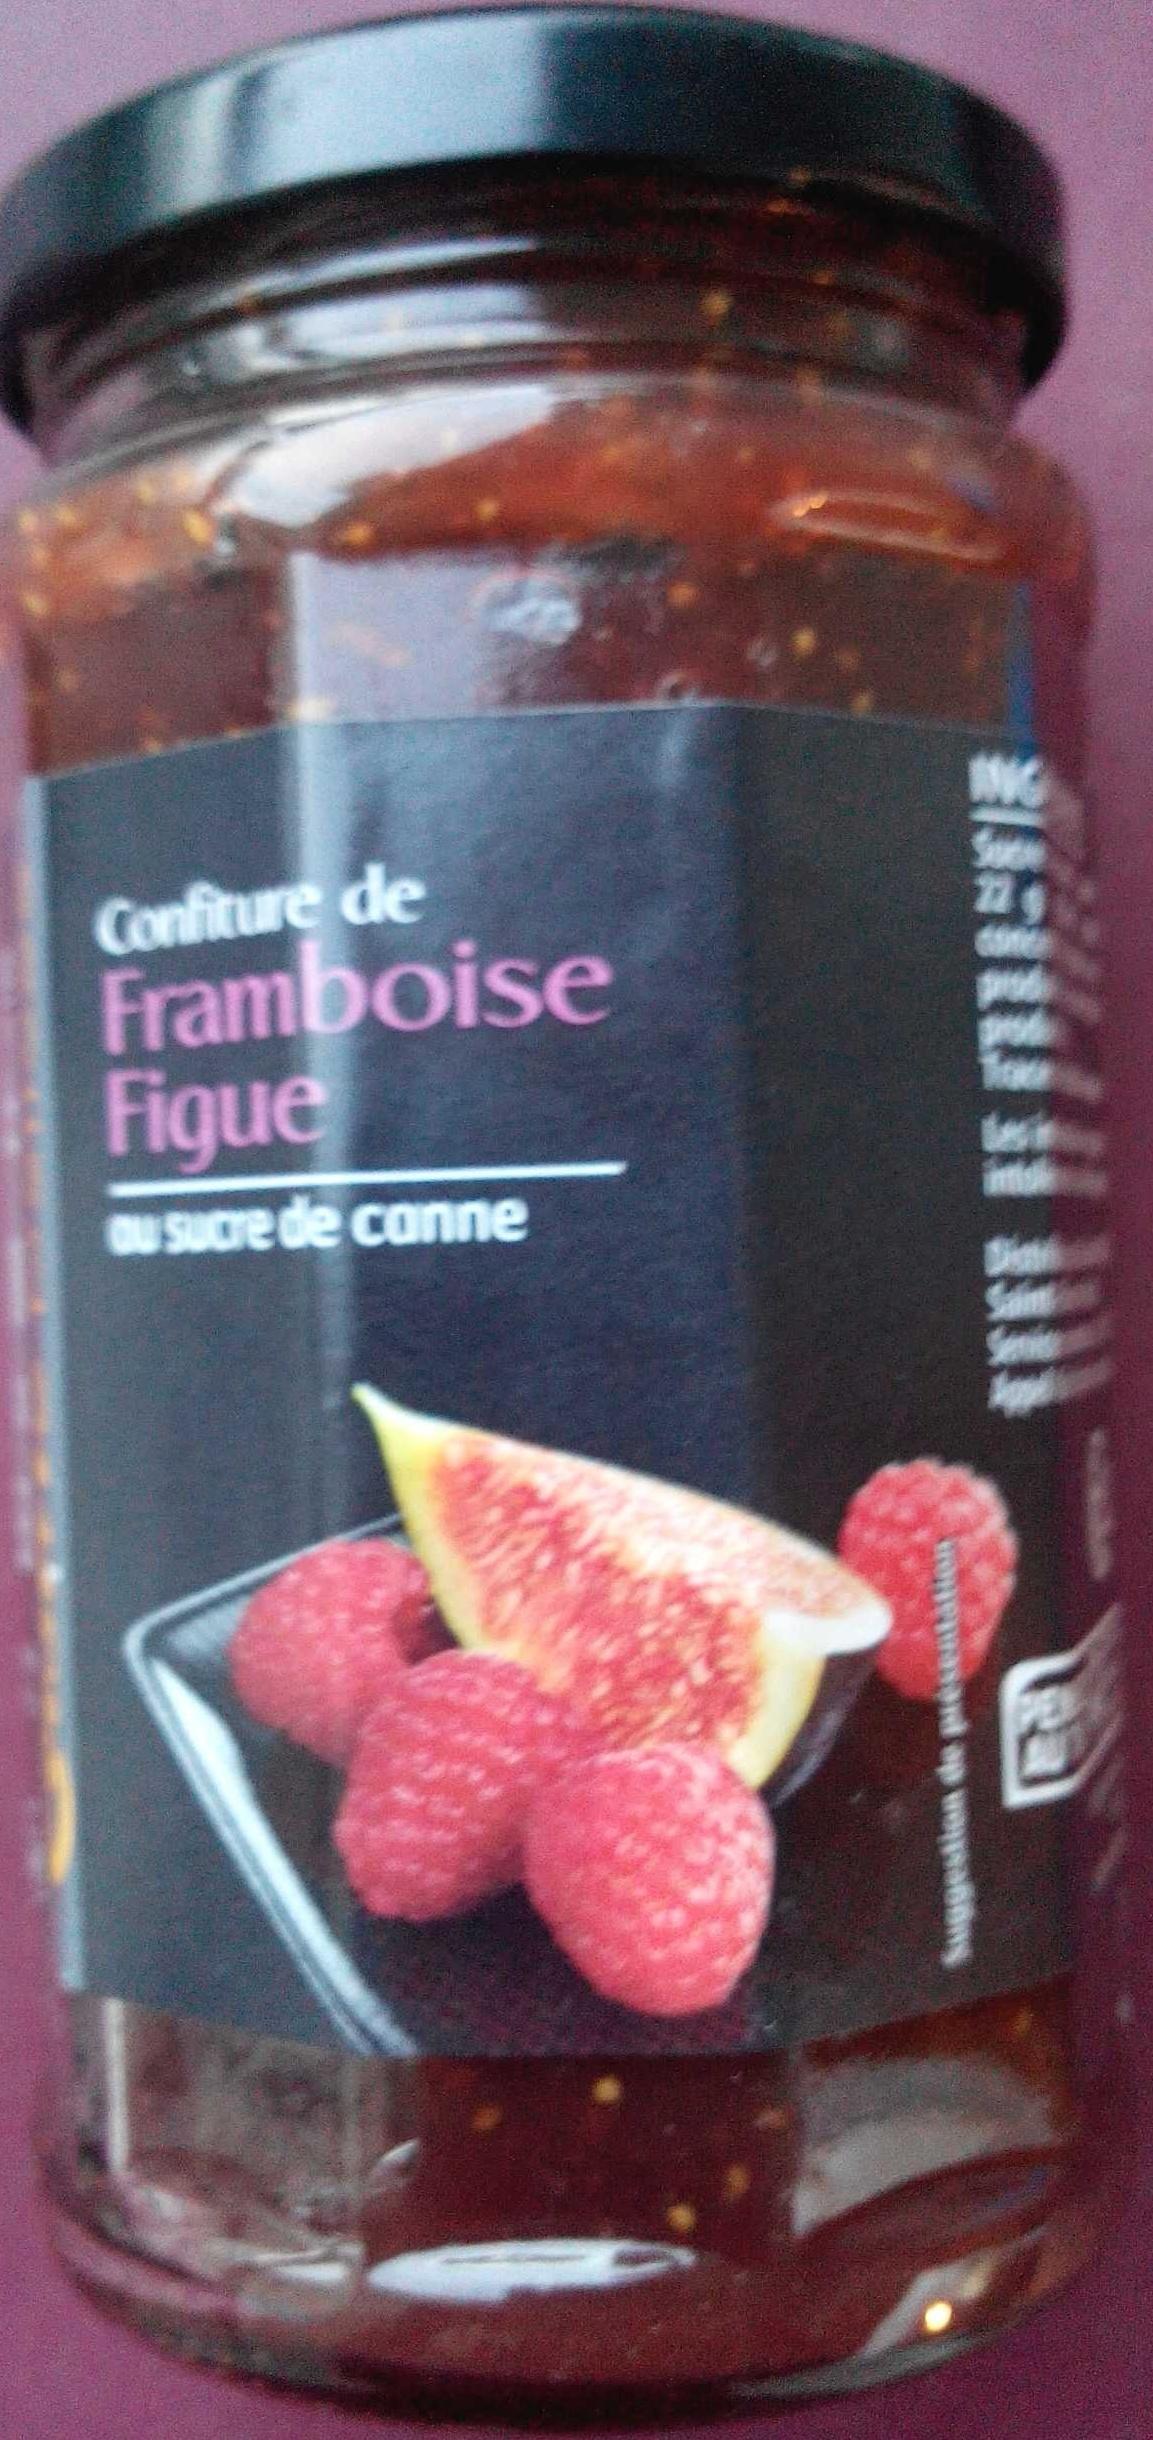 Confiture de framboise figue - Product